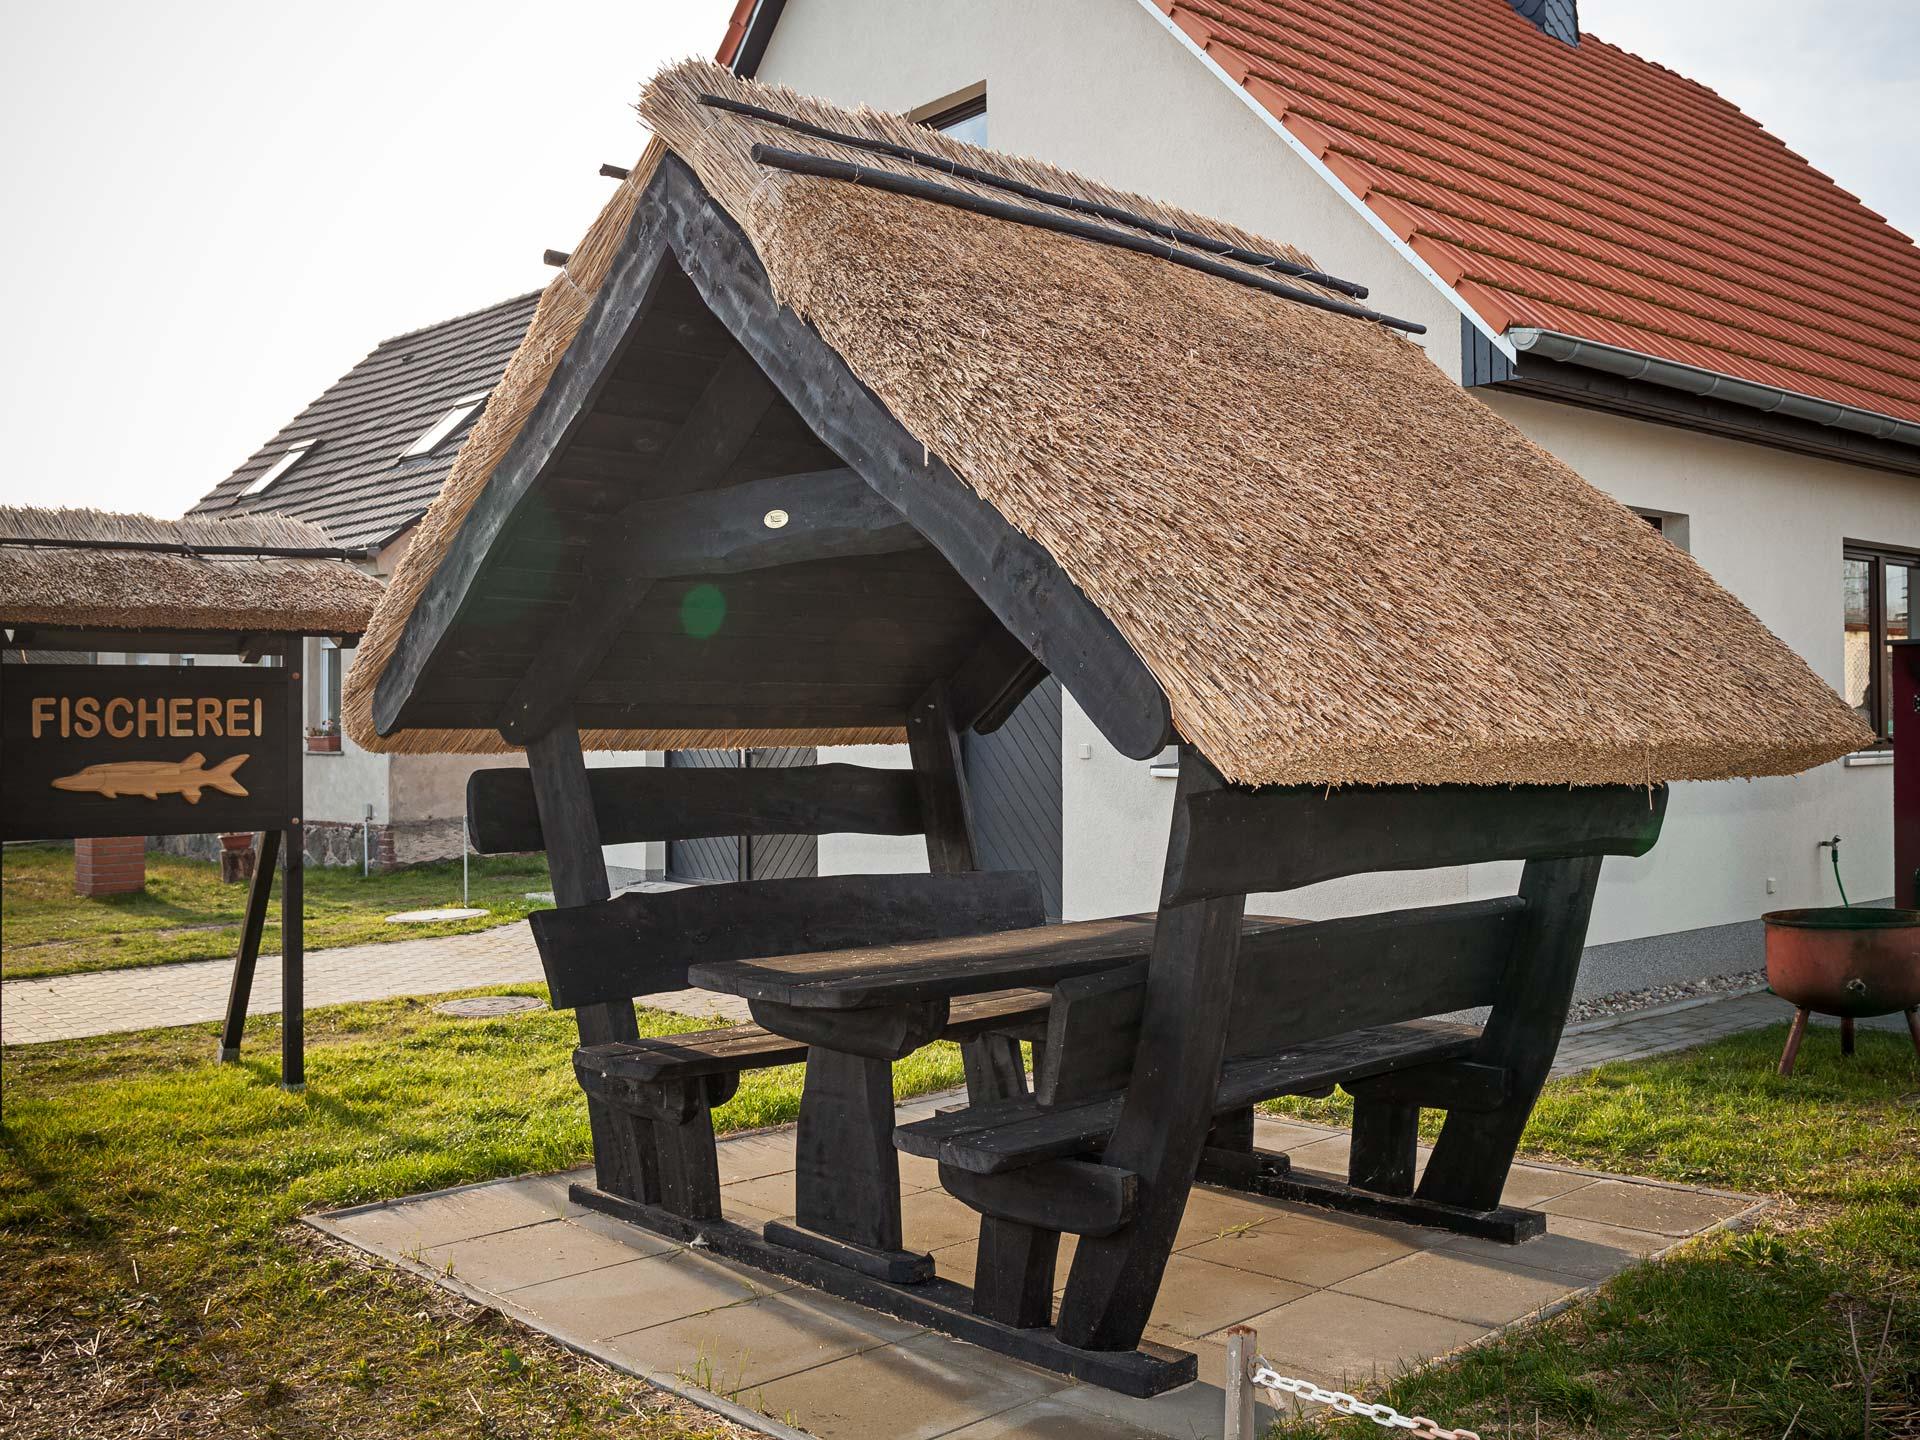 pavillon_fischer_brodowin03